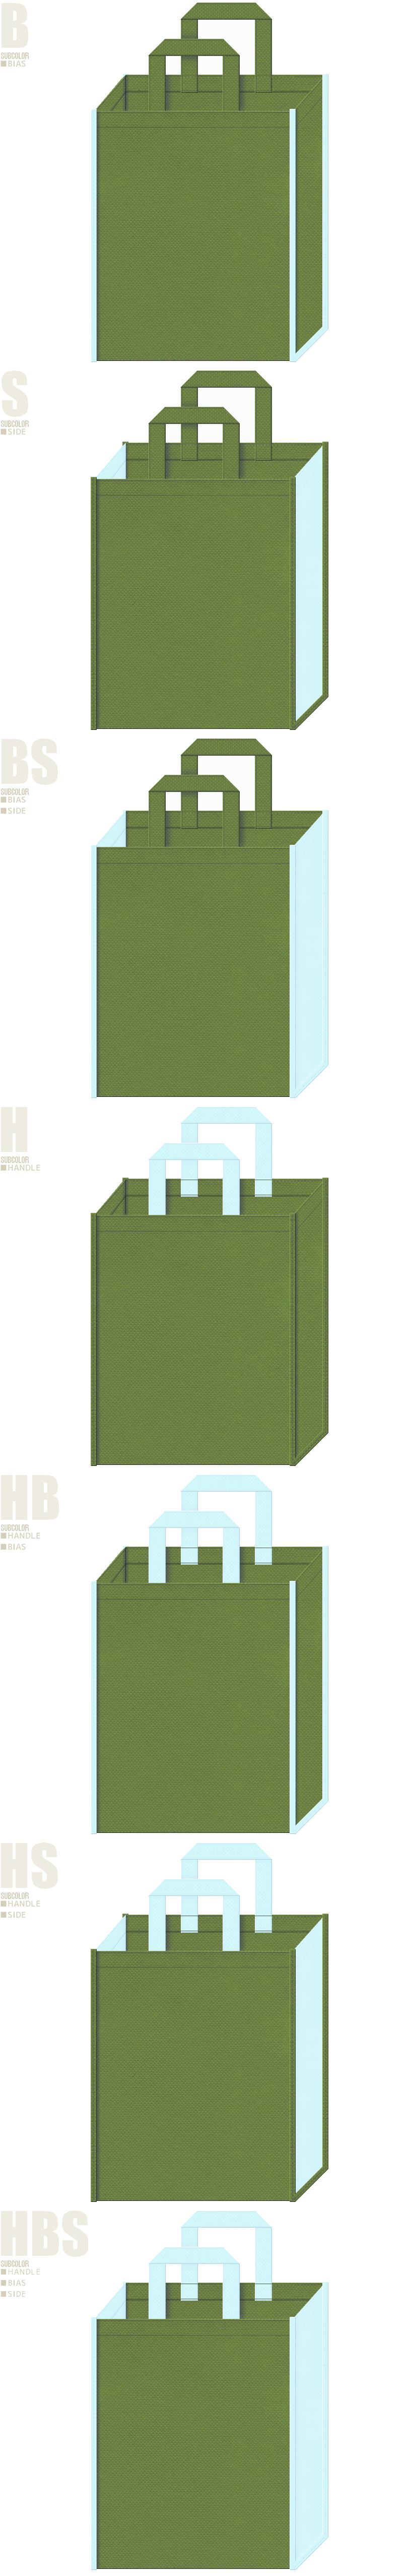 水草・ビオトープ・苔・テラリウム・和風庭園・造園用品・エクステリアの展示会用バッグにお奨めの不織布バッグデザイン:草色と水色の配色7パターン